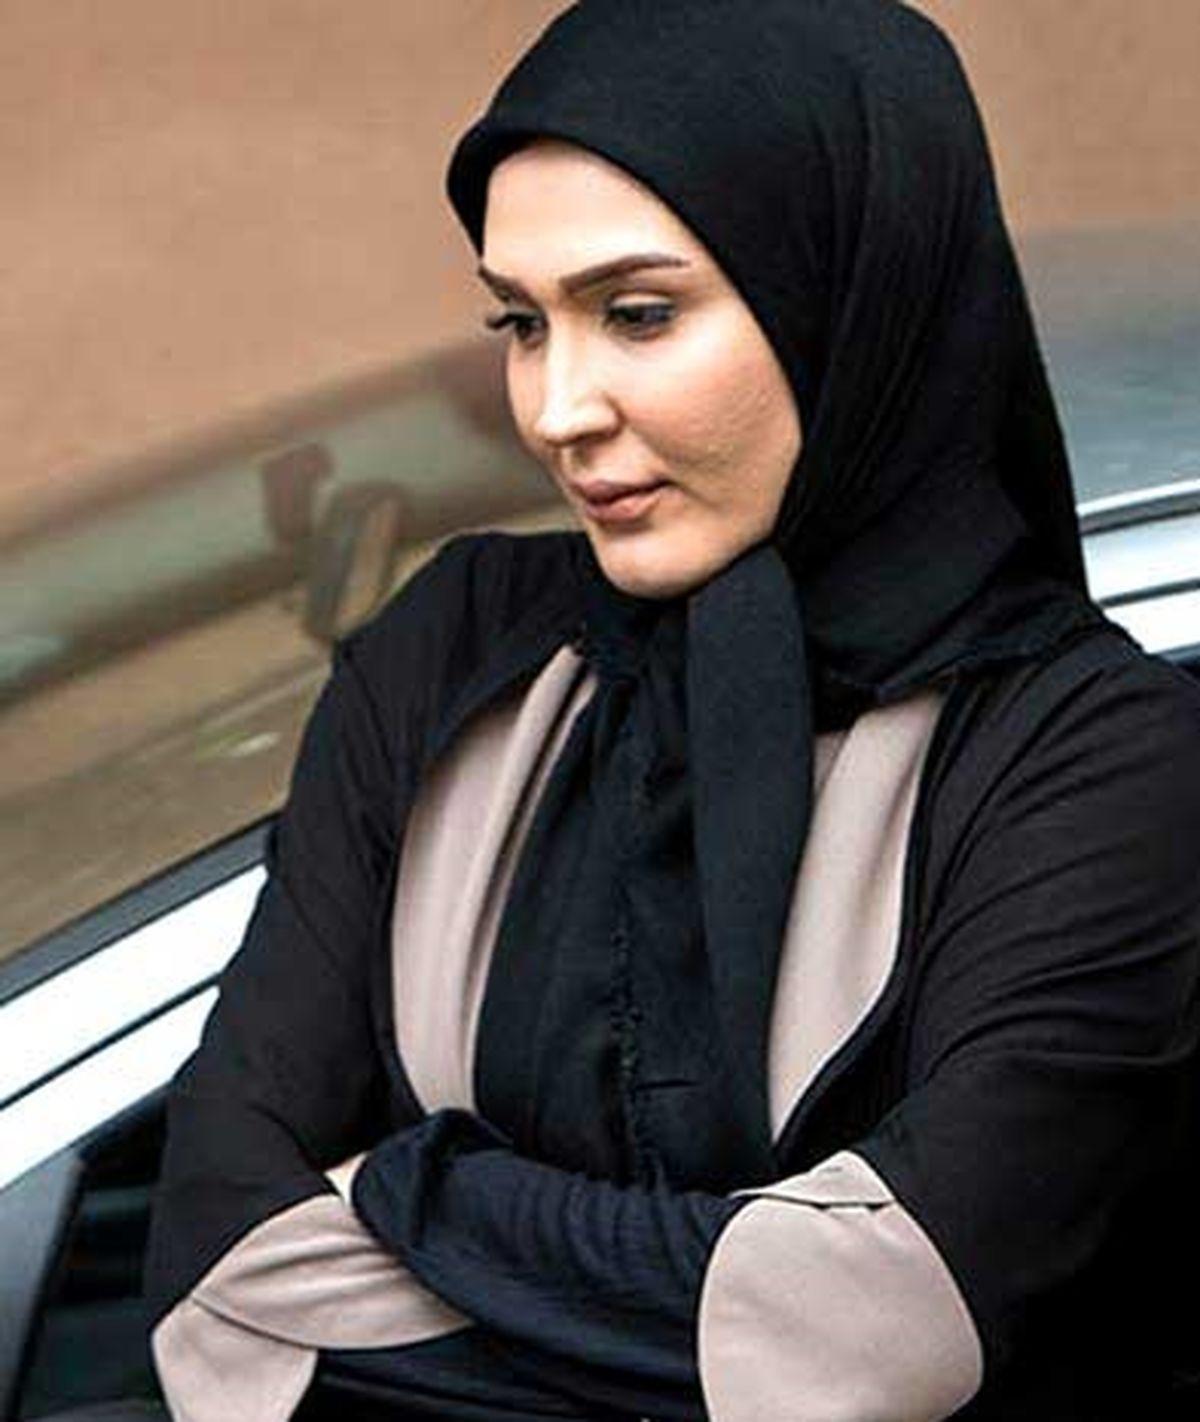 زهره فکور صبور : میگن چرا عکس نمیزاری ؟ / عکس فوق لاکچری از زن بازیگر